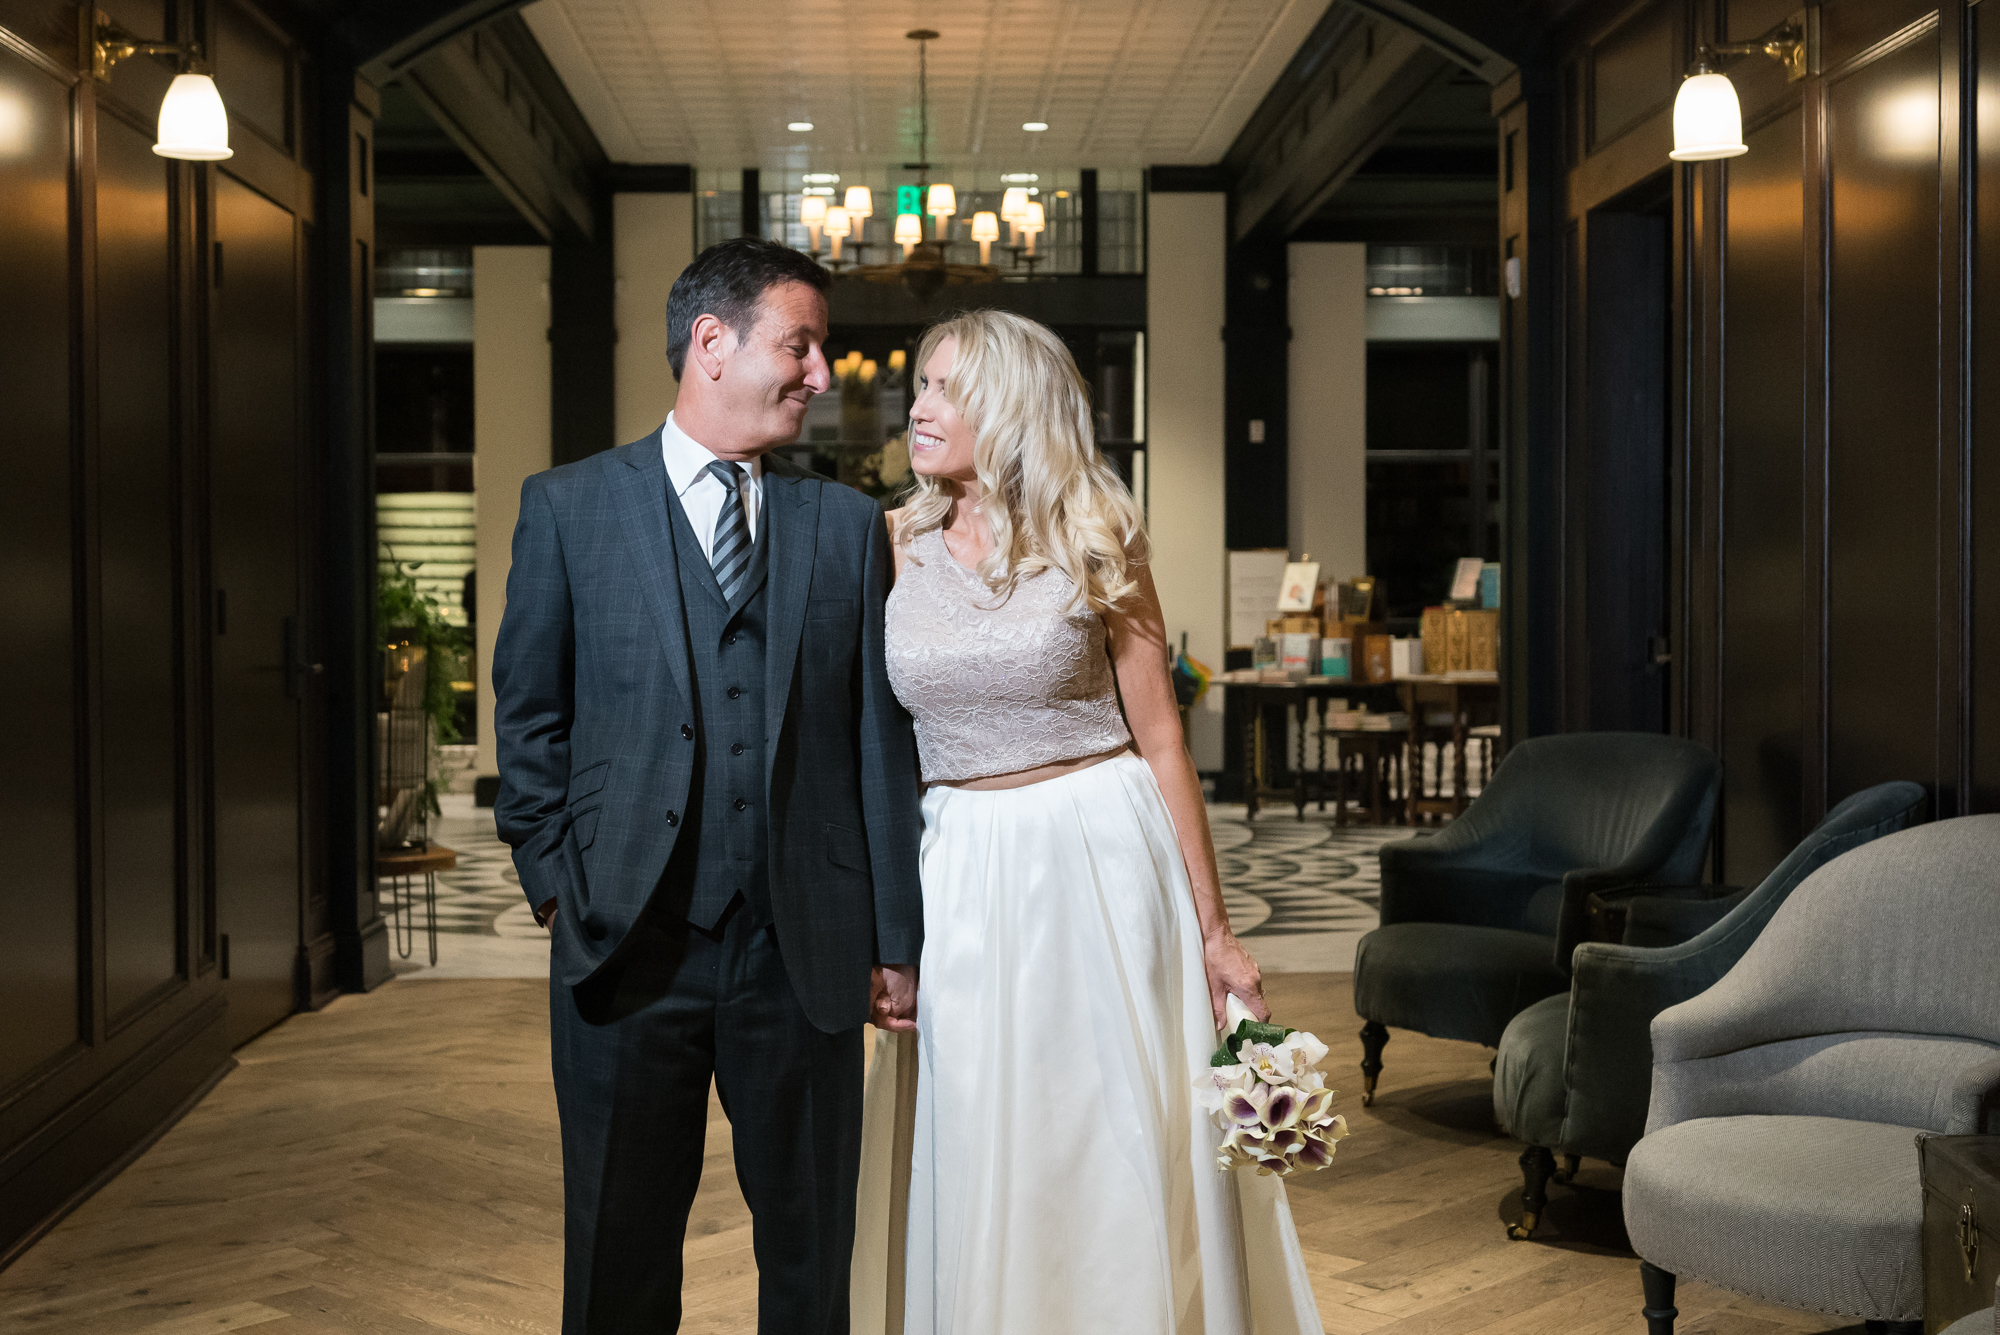 Oxford-Exchange-wedding-photography, Tampa-weddings